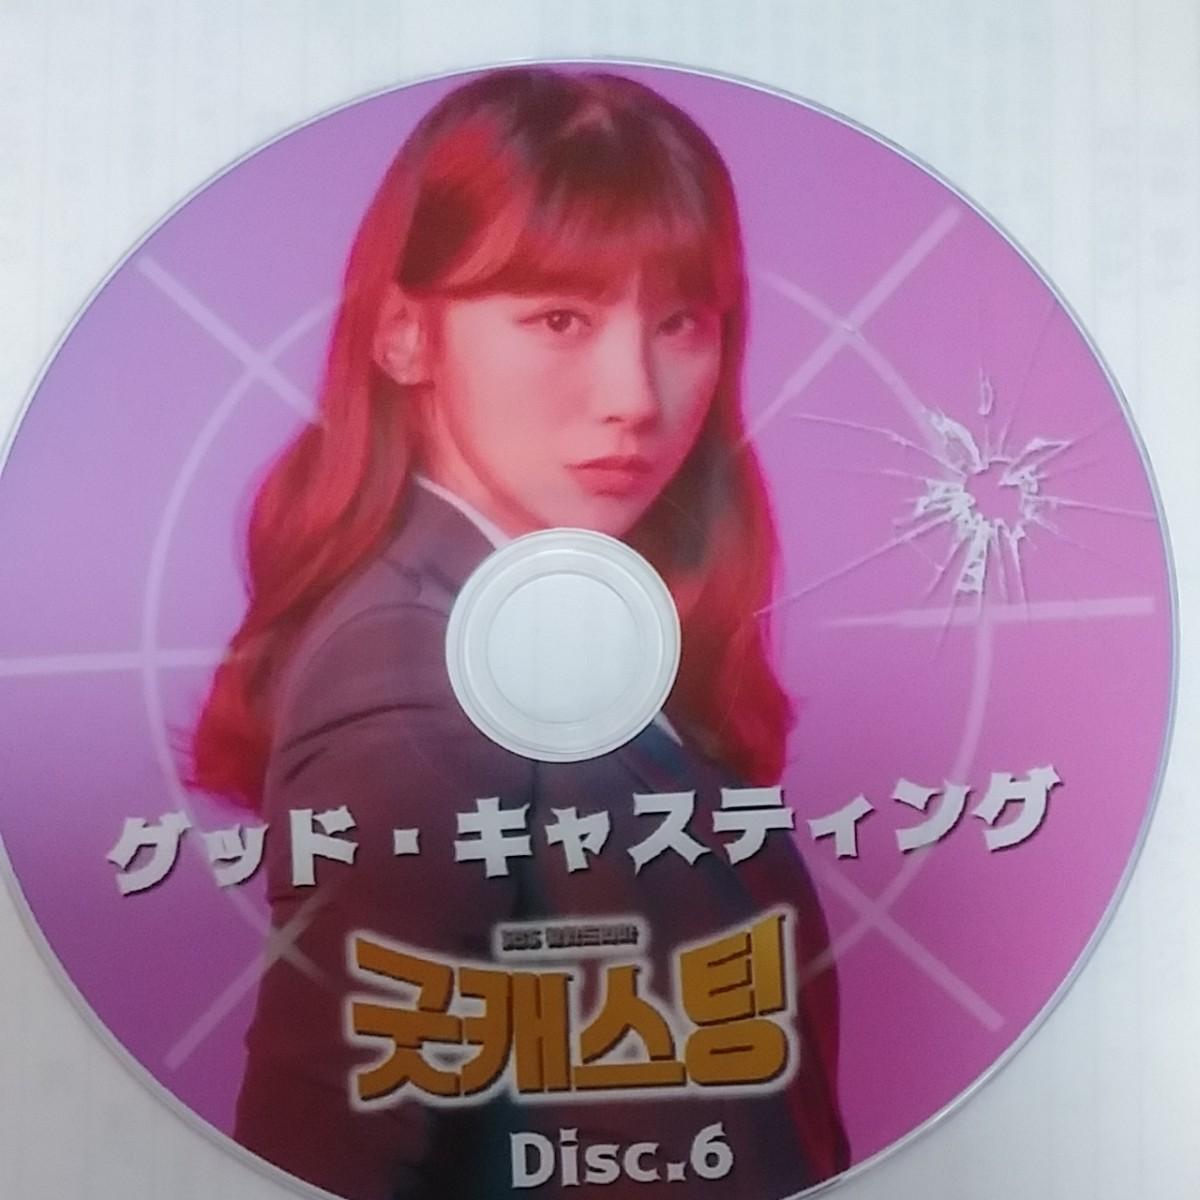 韓国ドラマ《グッドキャスティング》出演チェ・ガンヒ、イ・サンヨプ、ユ・イニョン他 DVD6枚全16話 レーベル印刷有 不織布発送